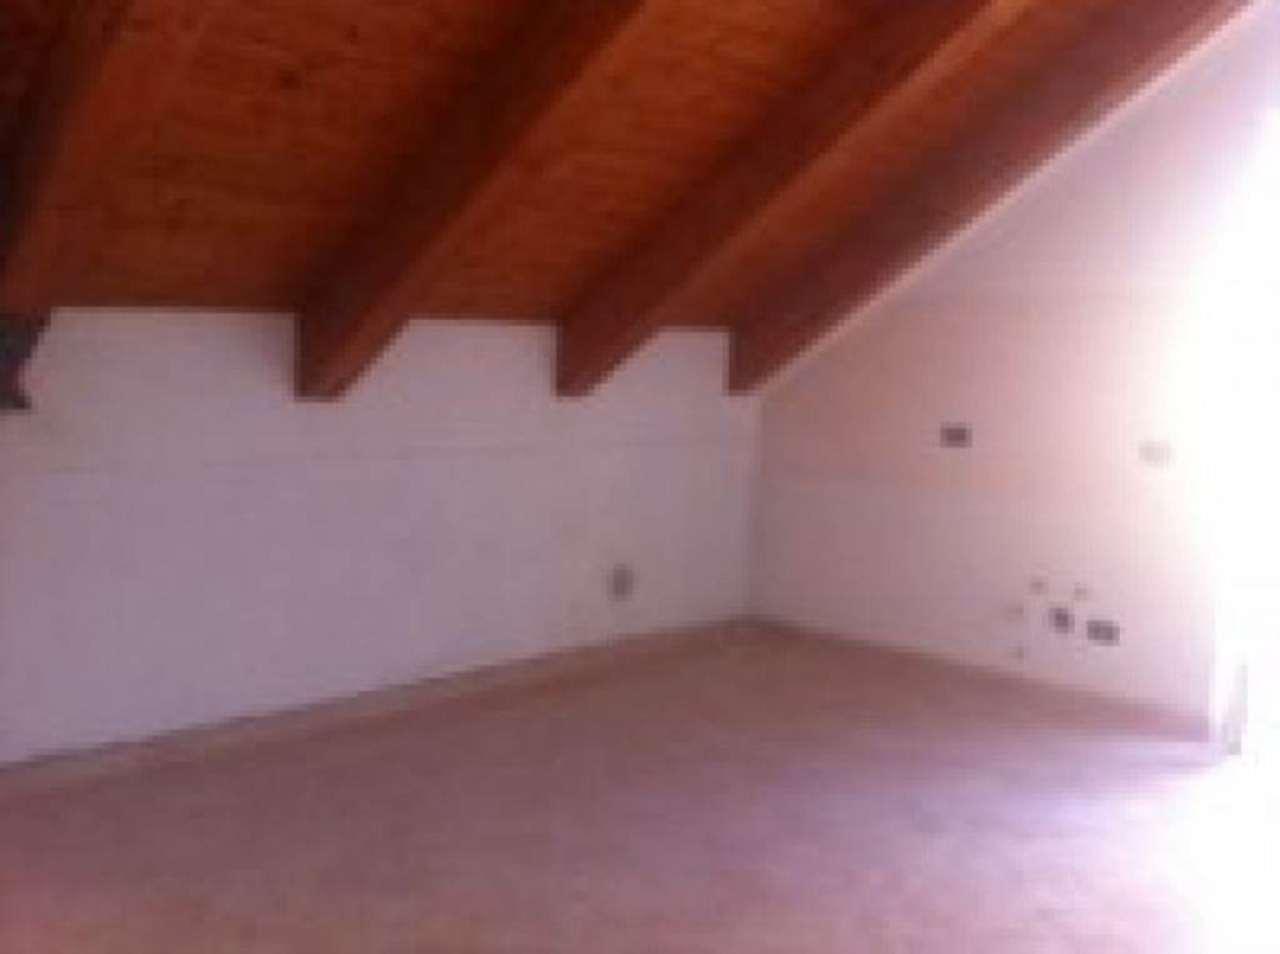 Attico / Mansarda in vendita a Uscio, 3 locali, prezzo € 68.000 | Cambio Casa.it